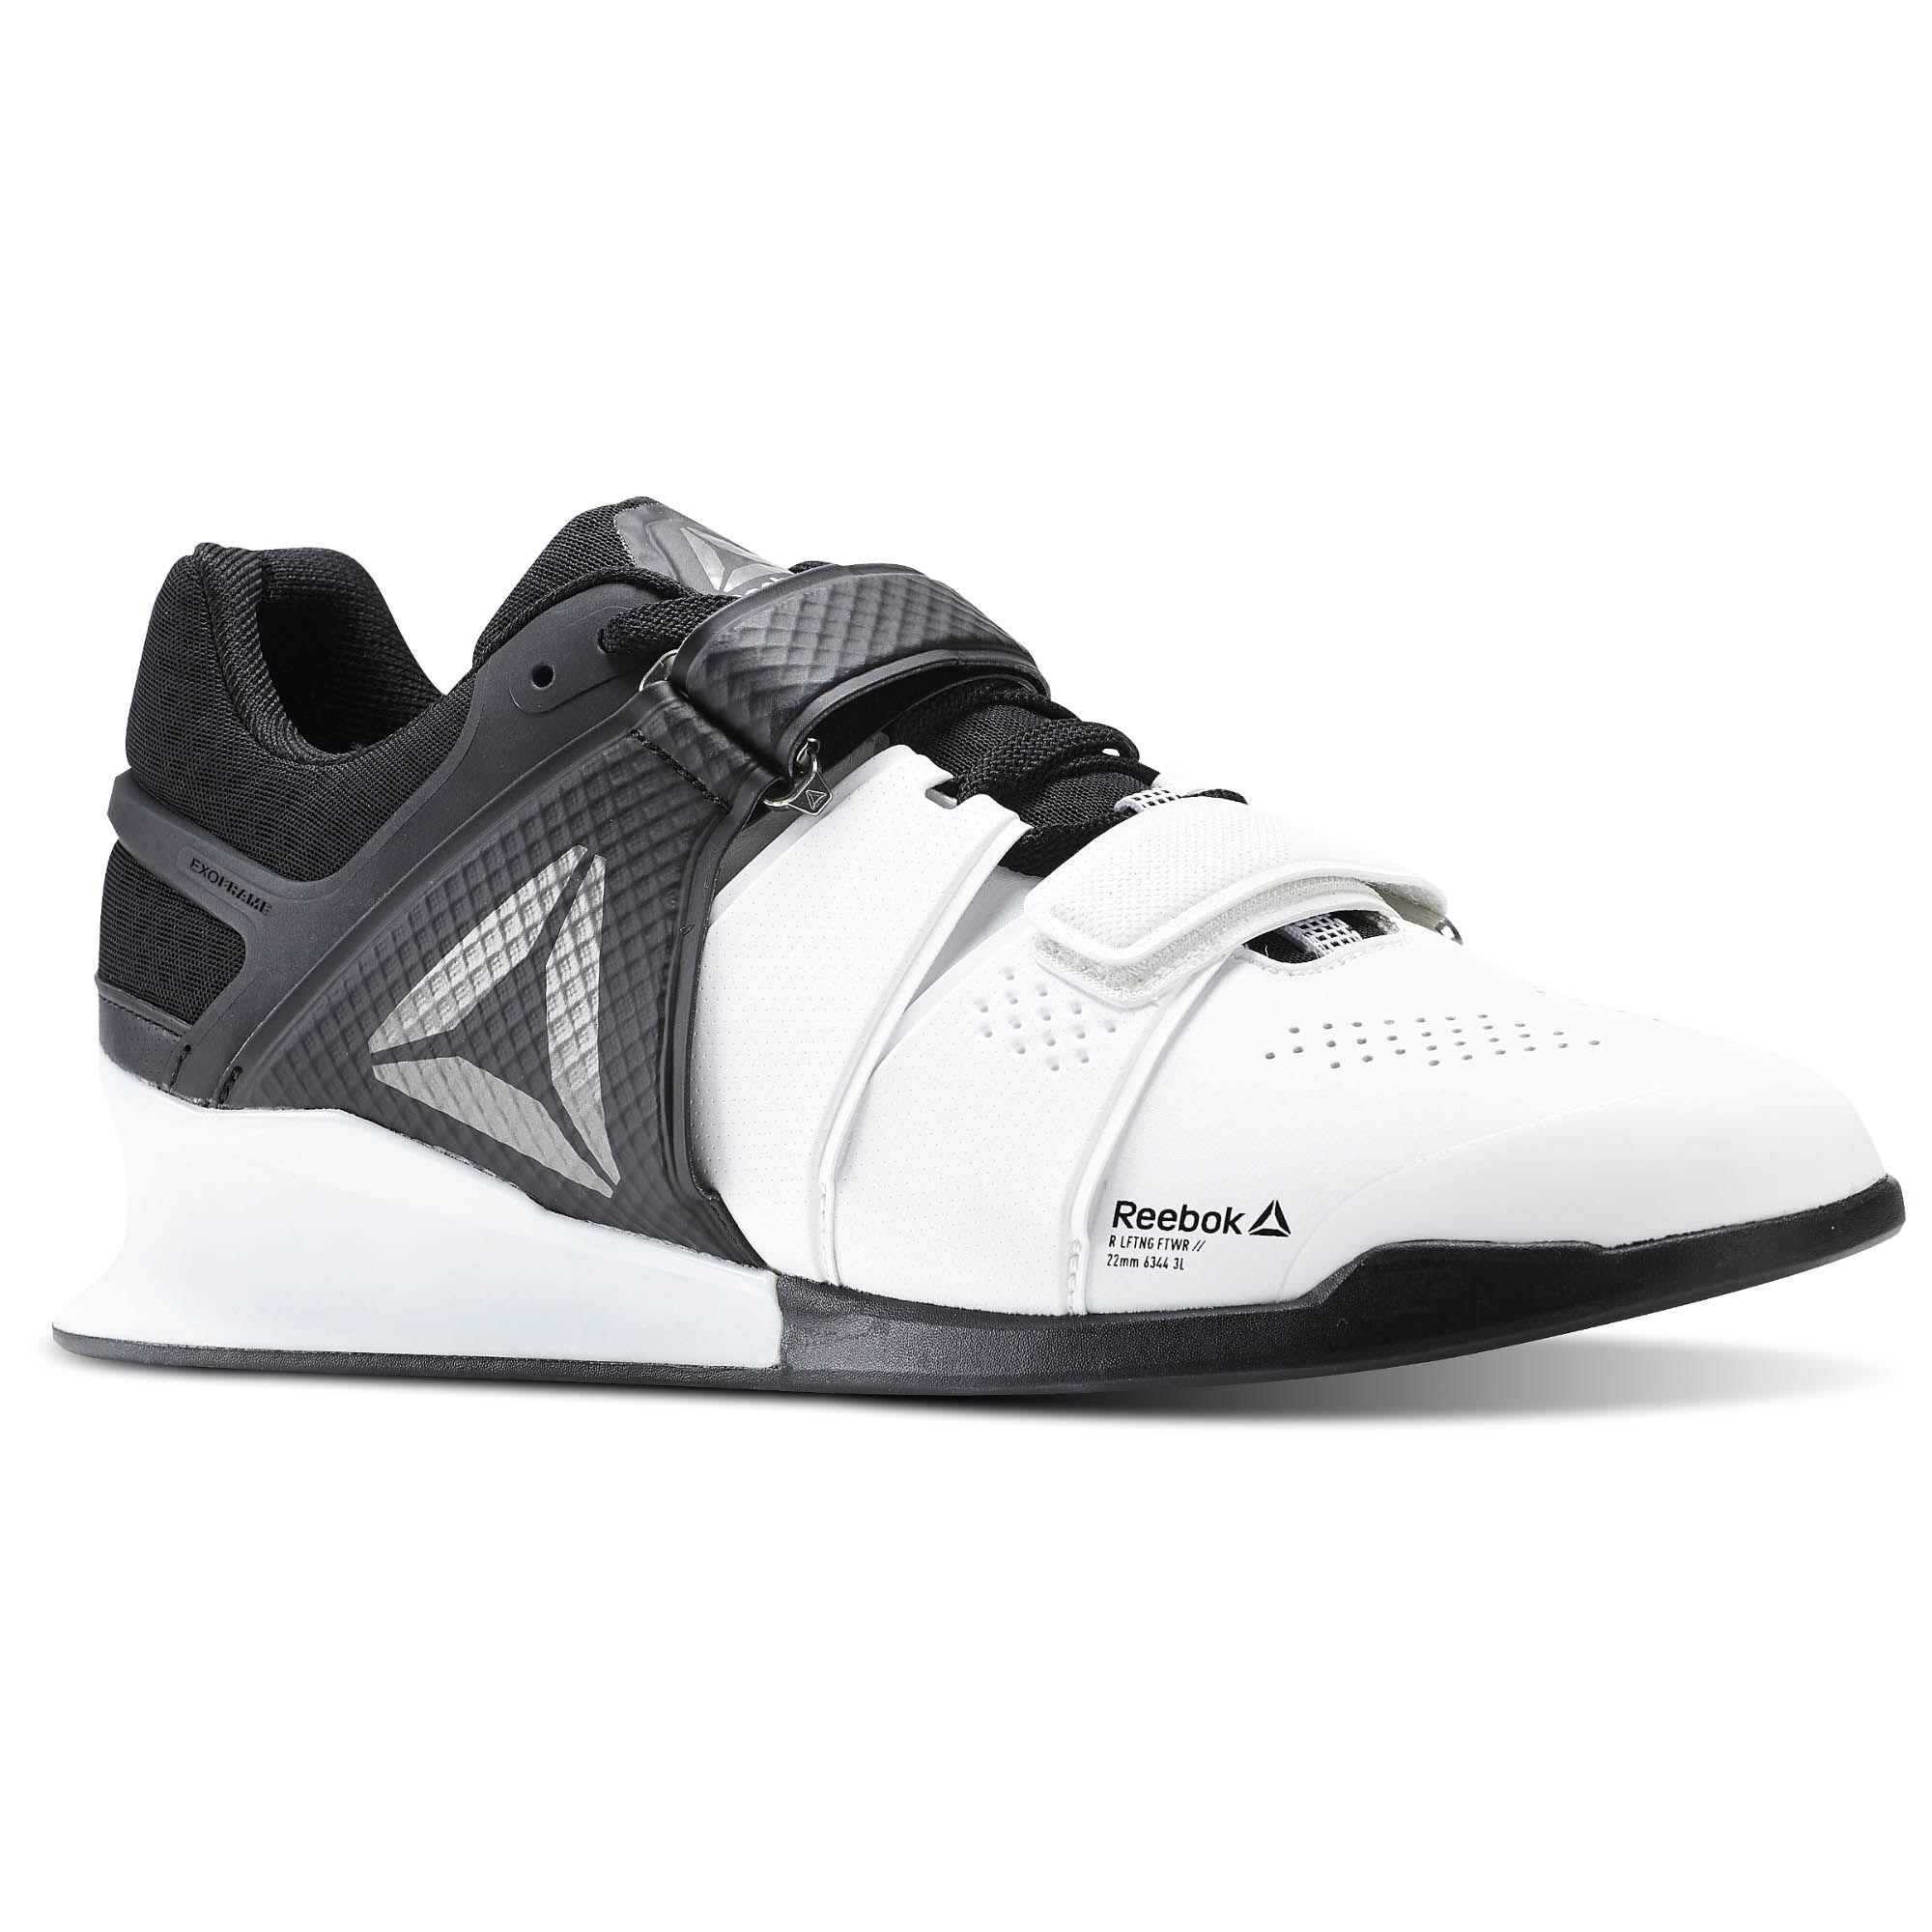 chaussure halterophilie reebok,Chaussure Halterophilie